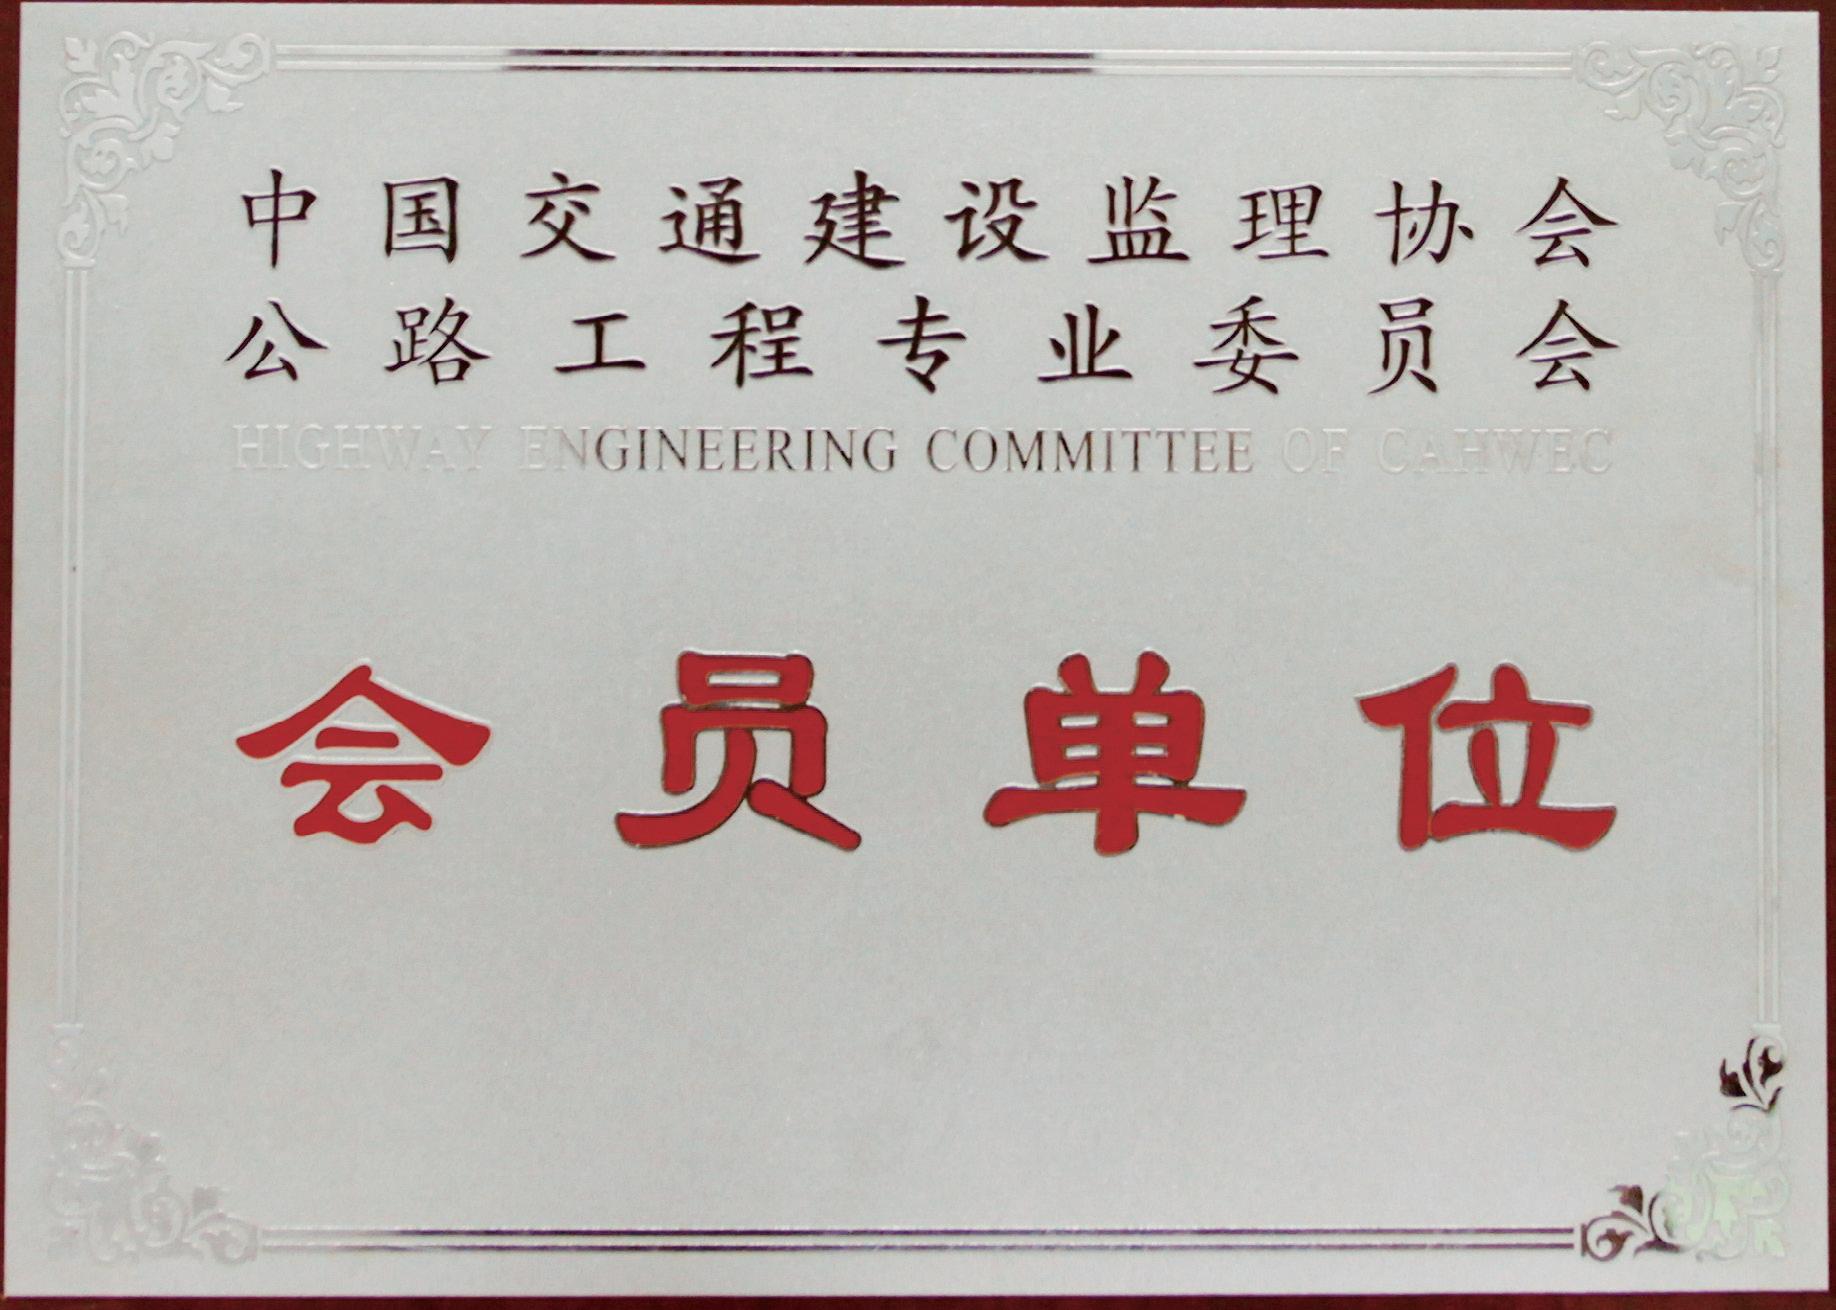 中国交通建设监理协会公路工程专业委员会会员单位